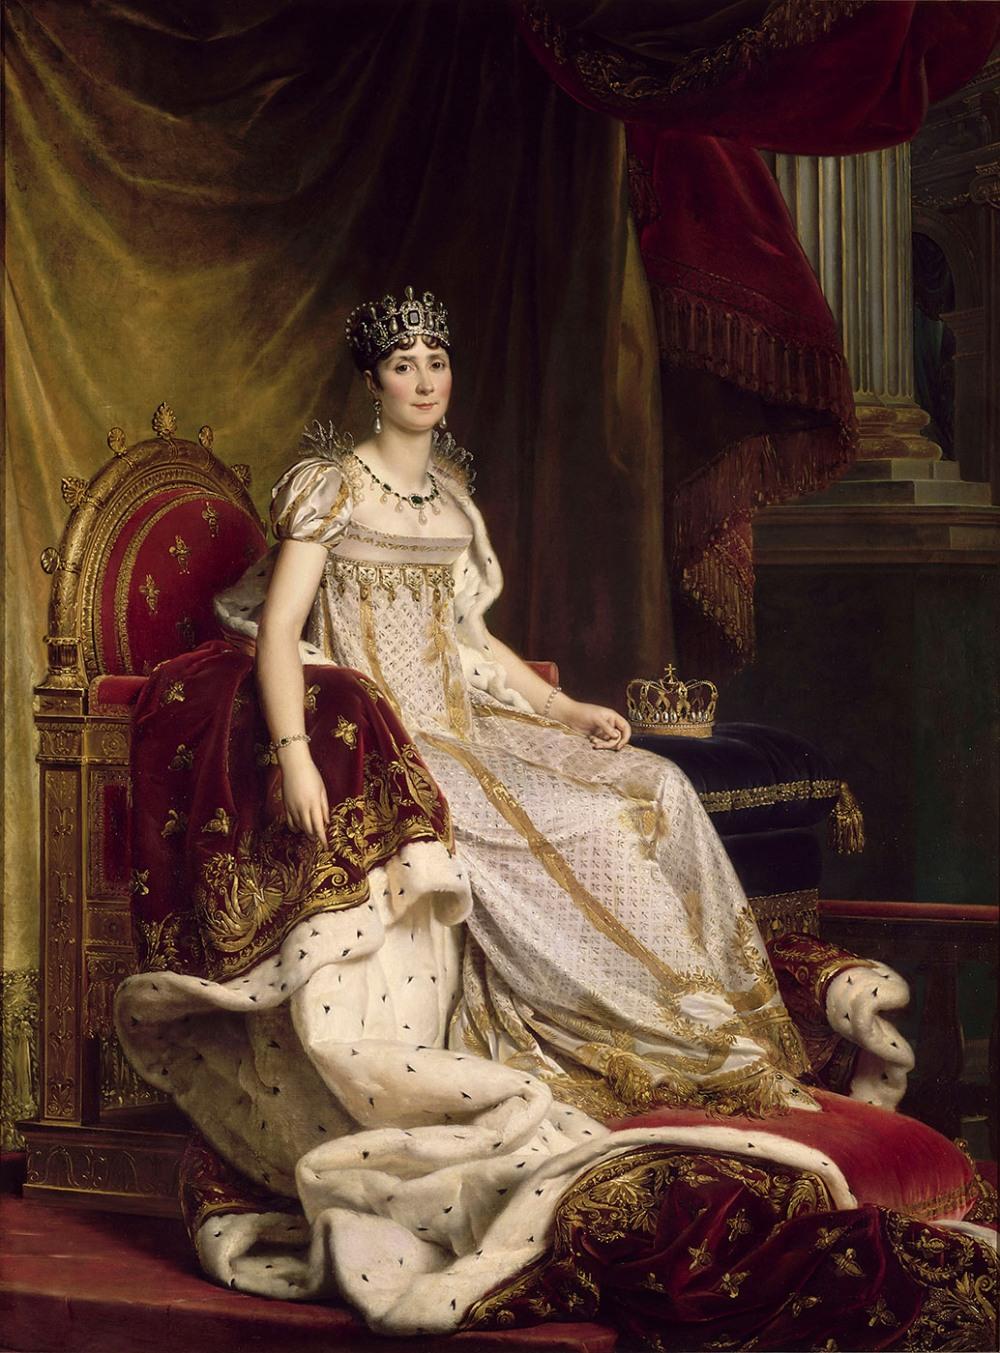 François Gérard. Josefina con el traje de la coronación. 1807-1808. Museo Nacional del Castillo de Fontainebleau.